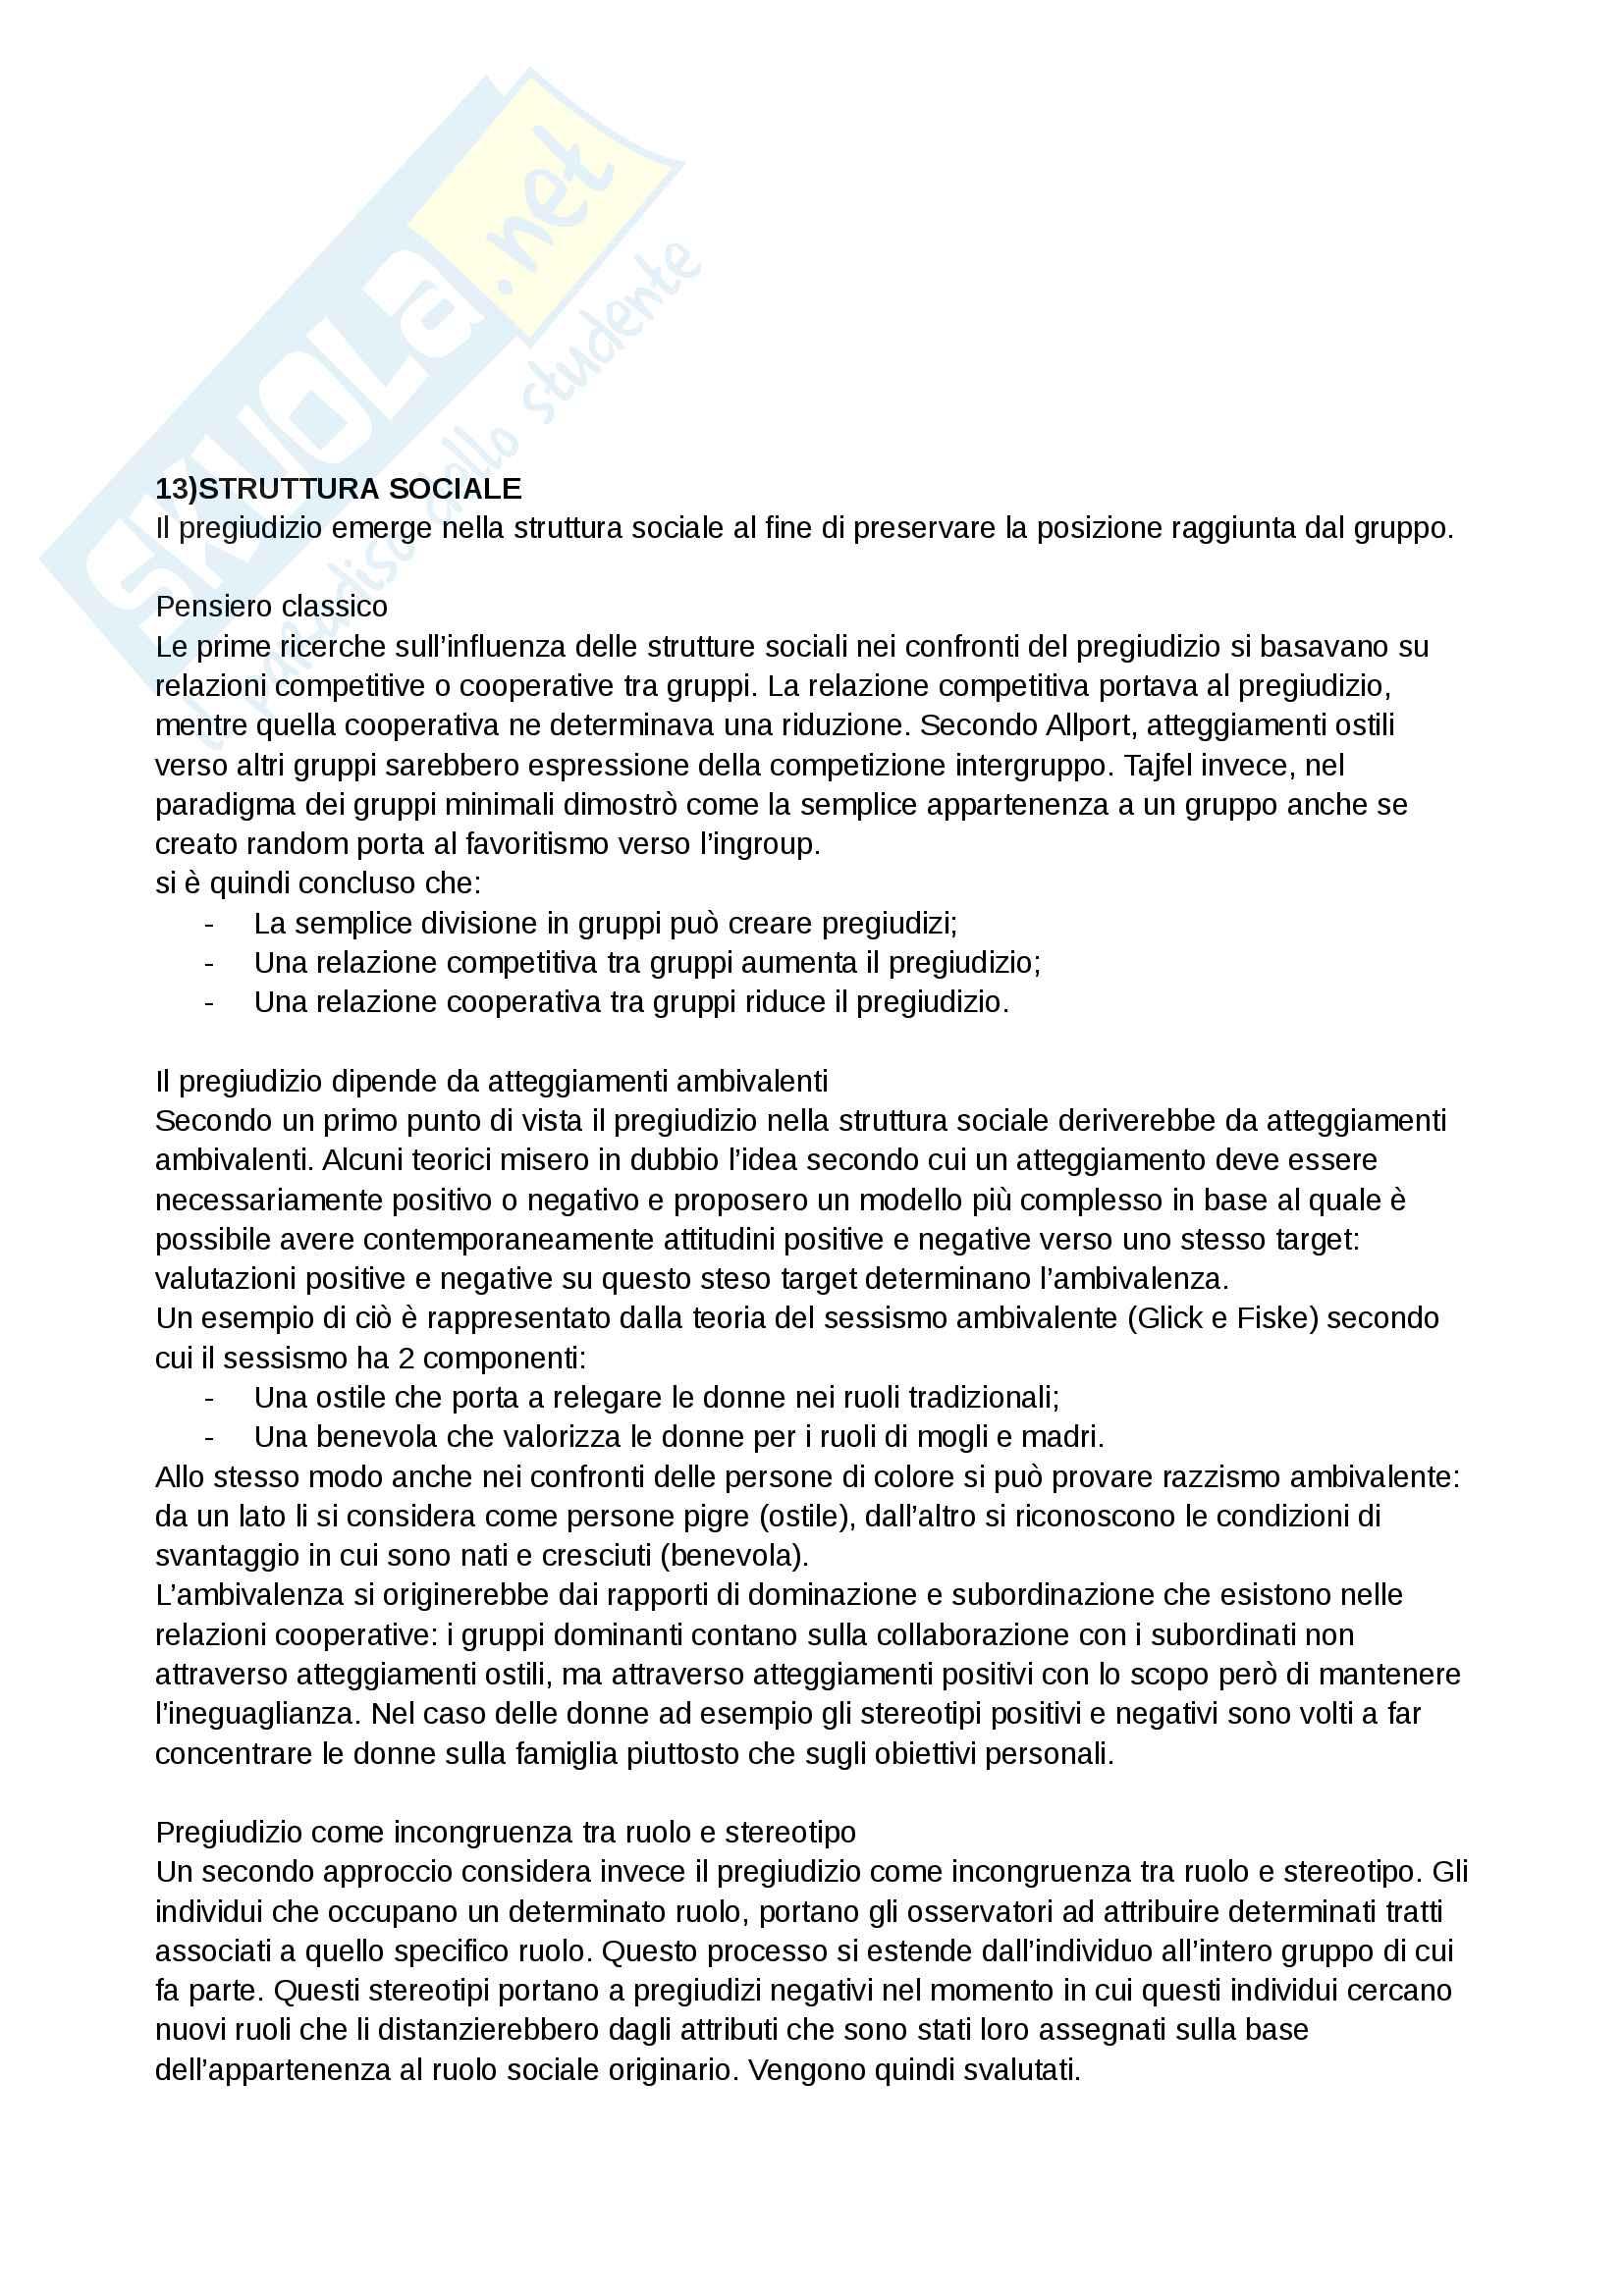 Riassunto esame e Appunti completi di Psicologia Sociale: corso avanzato per l'esame della Prof. Sacchi su Pregiudizio, Stereotipo, Discriminazione Bicocca Pag. 26